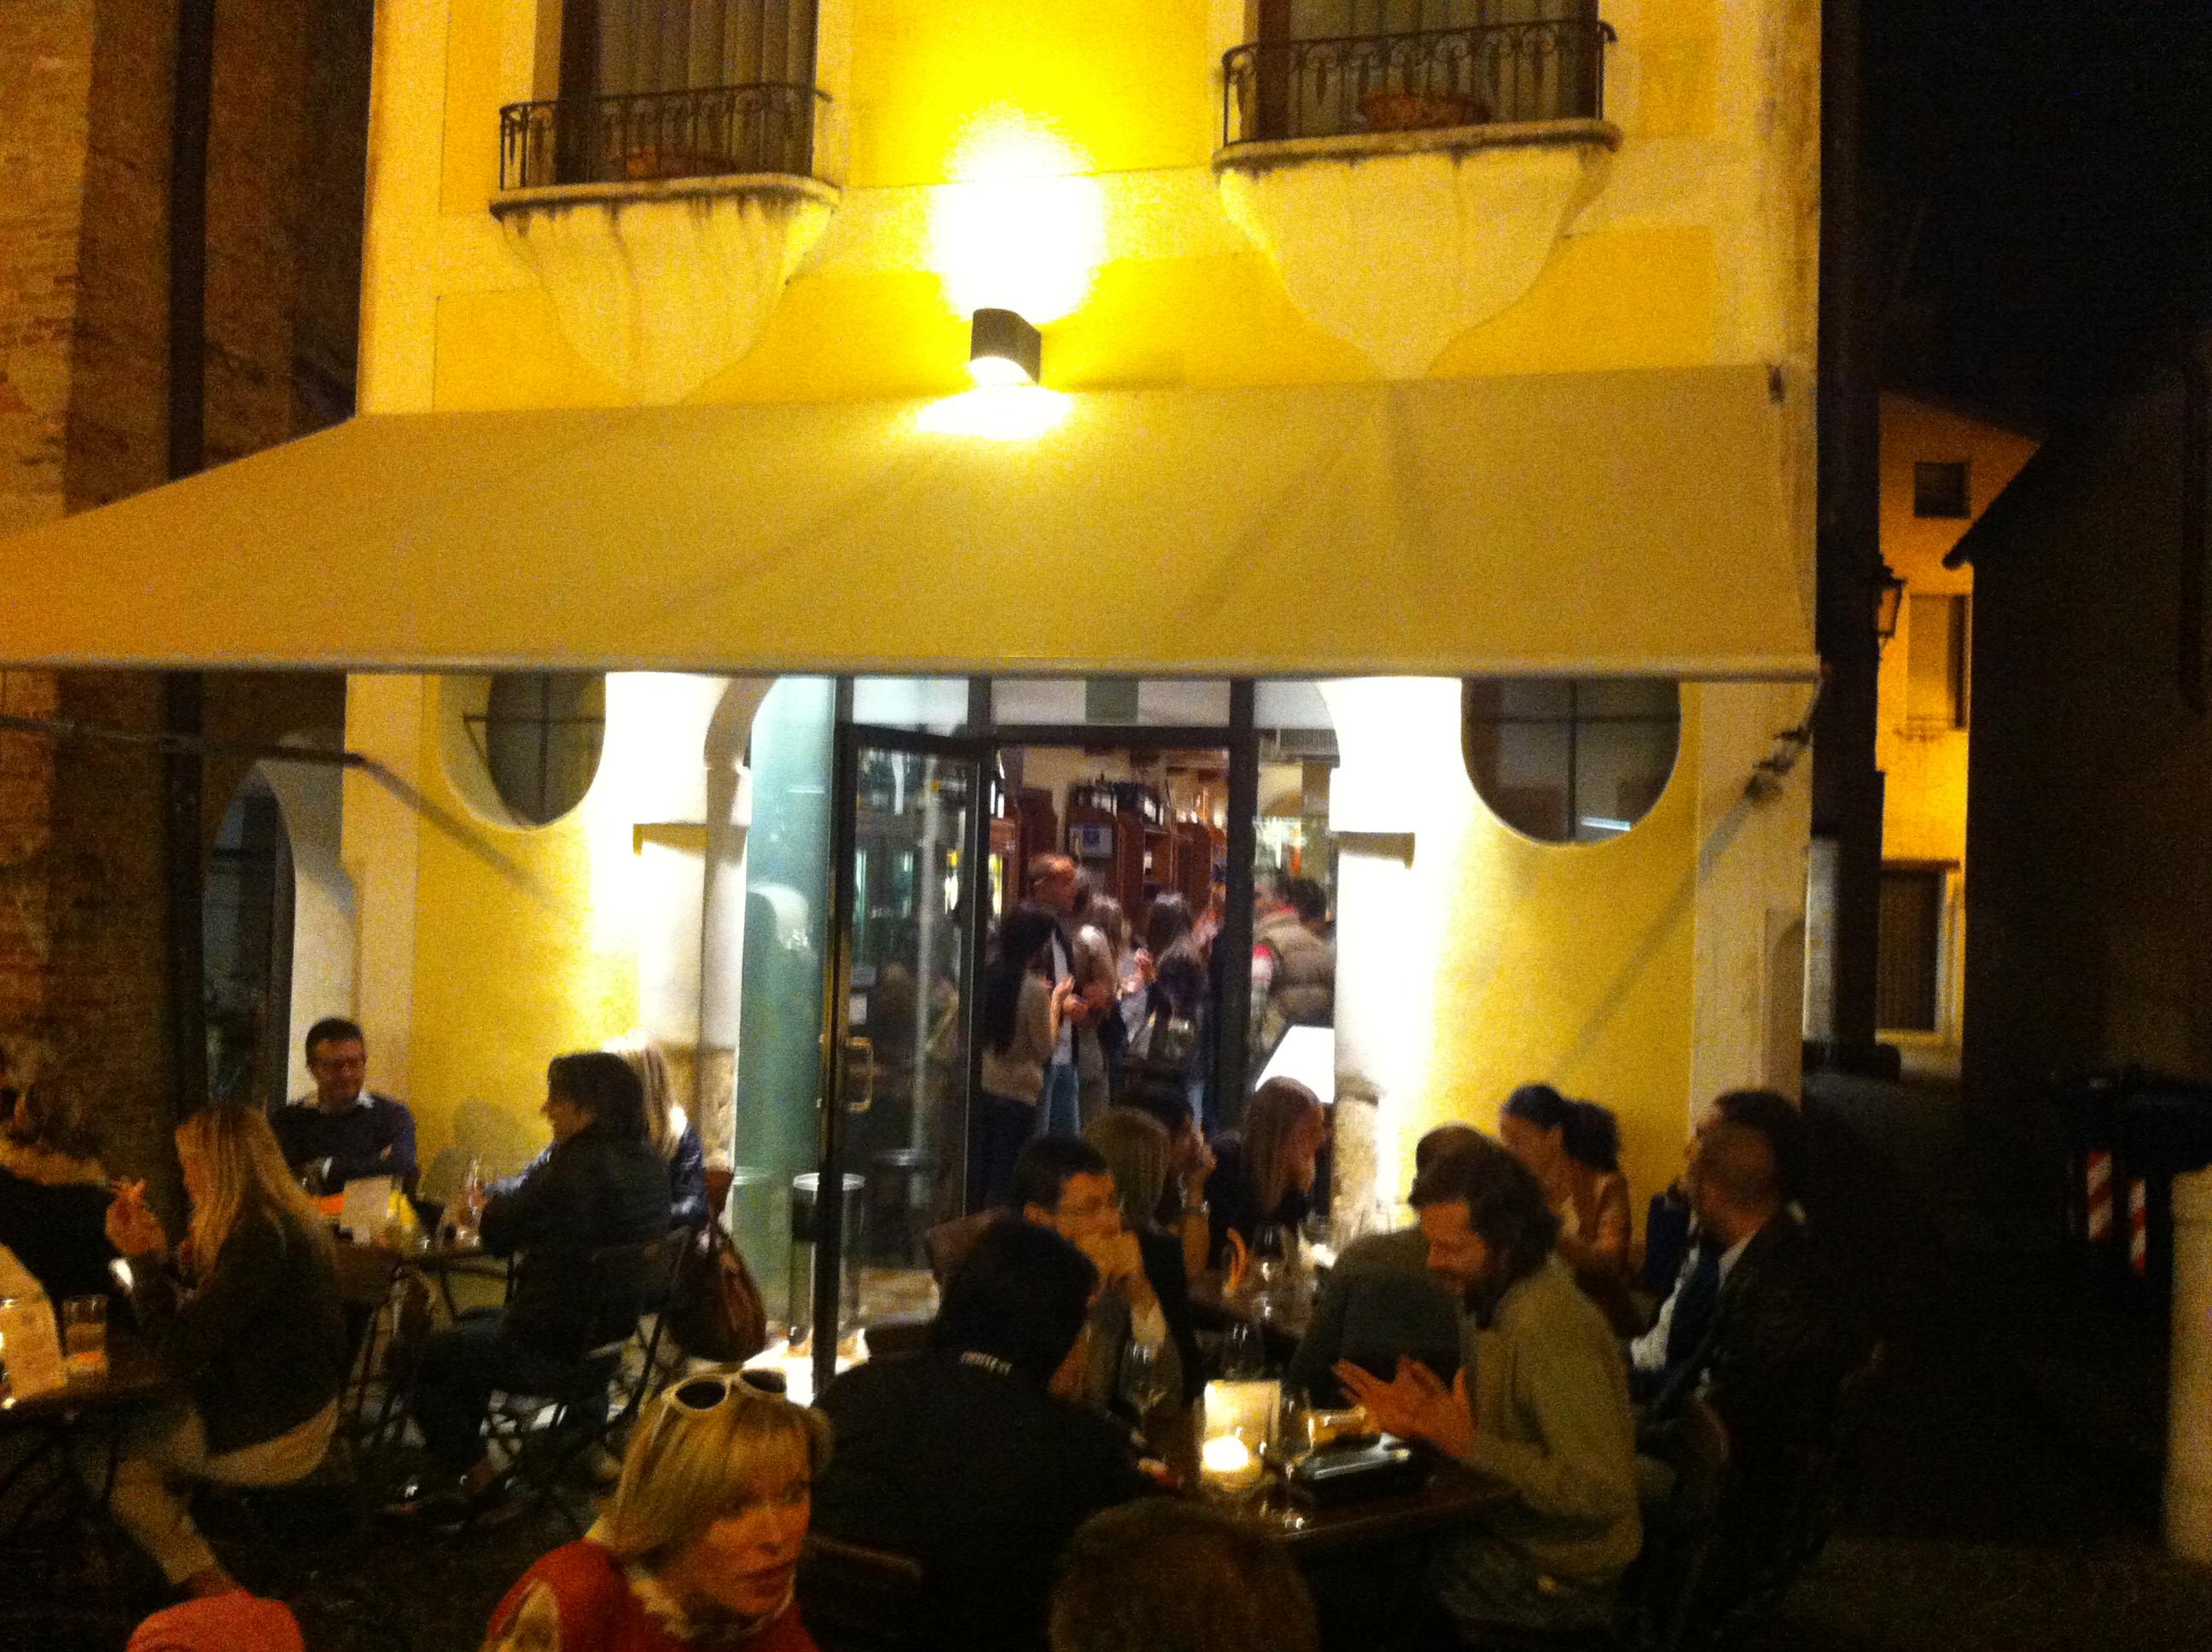 Al Corder - Trattoria Treviso